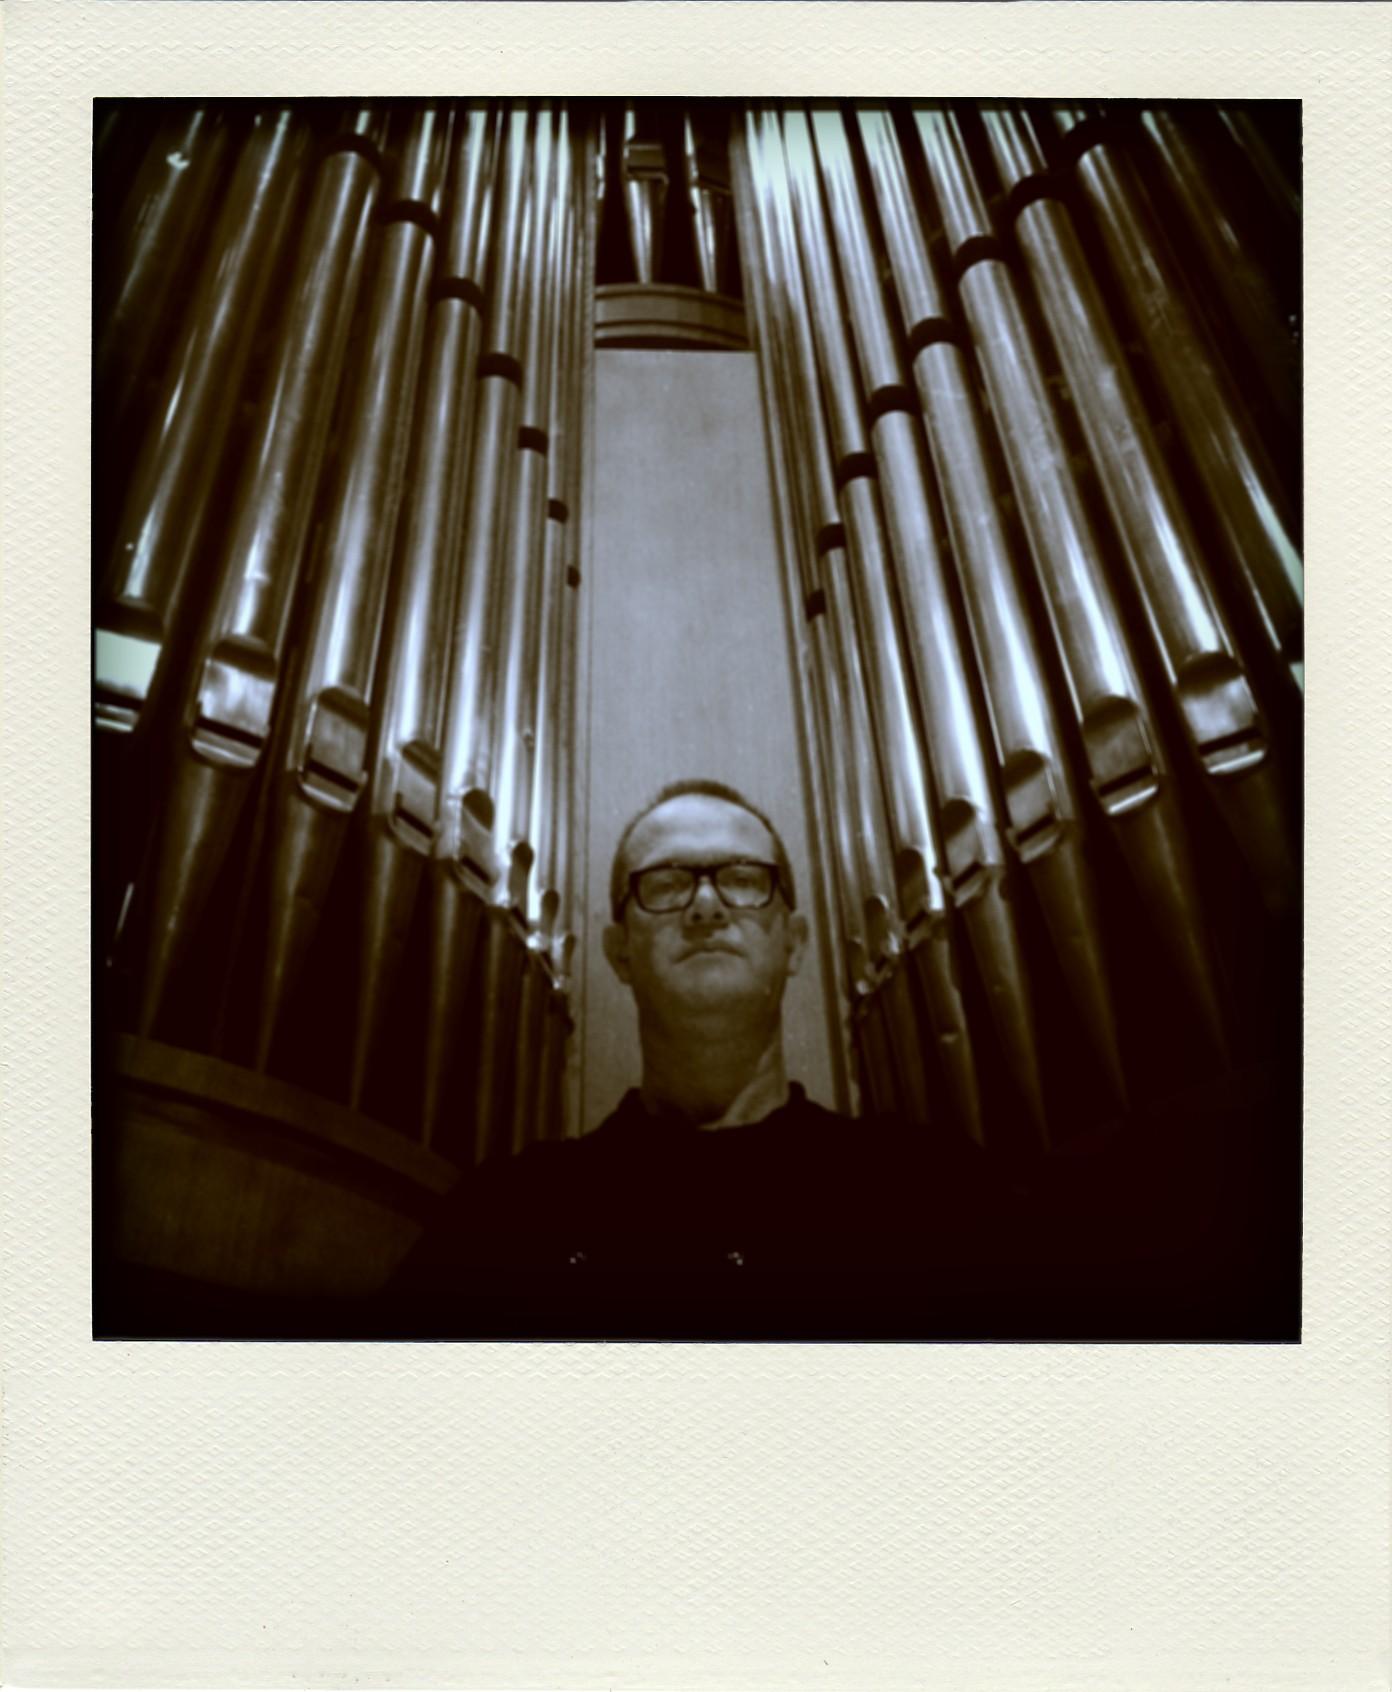 DC Koln Philharmonie, January 2014